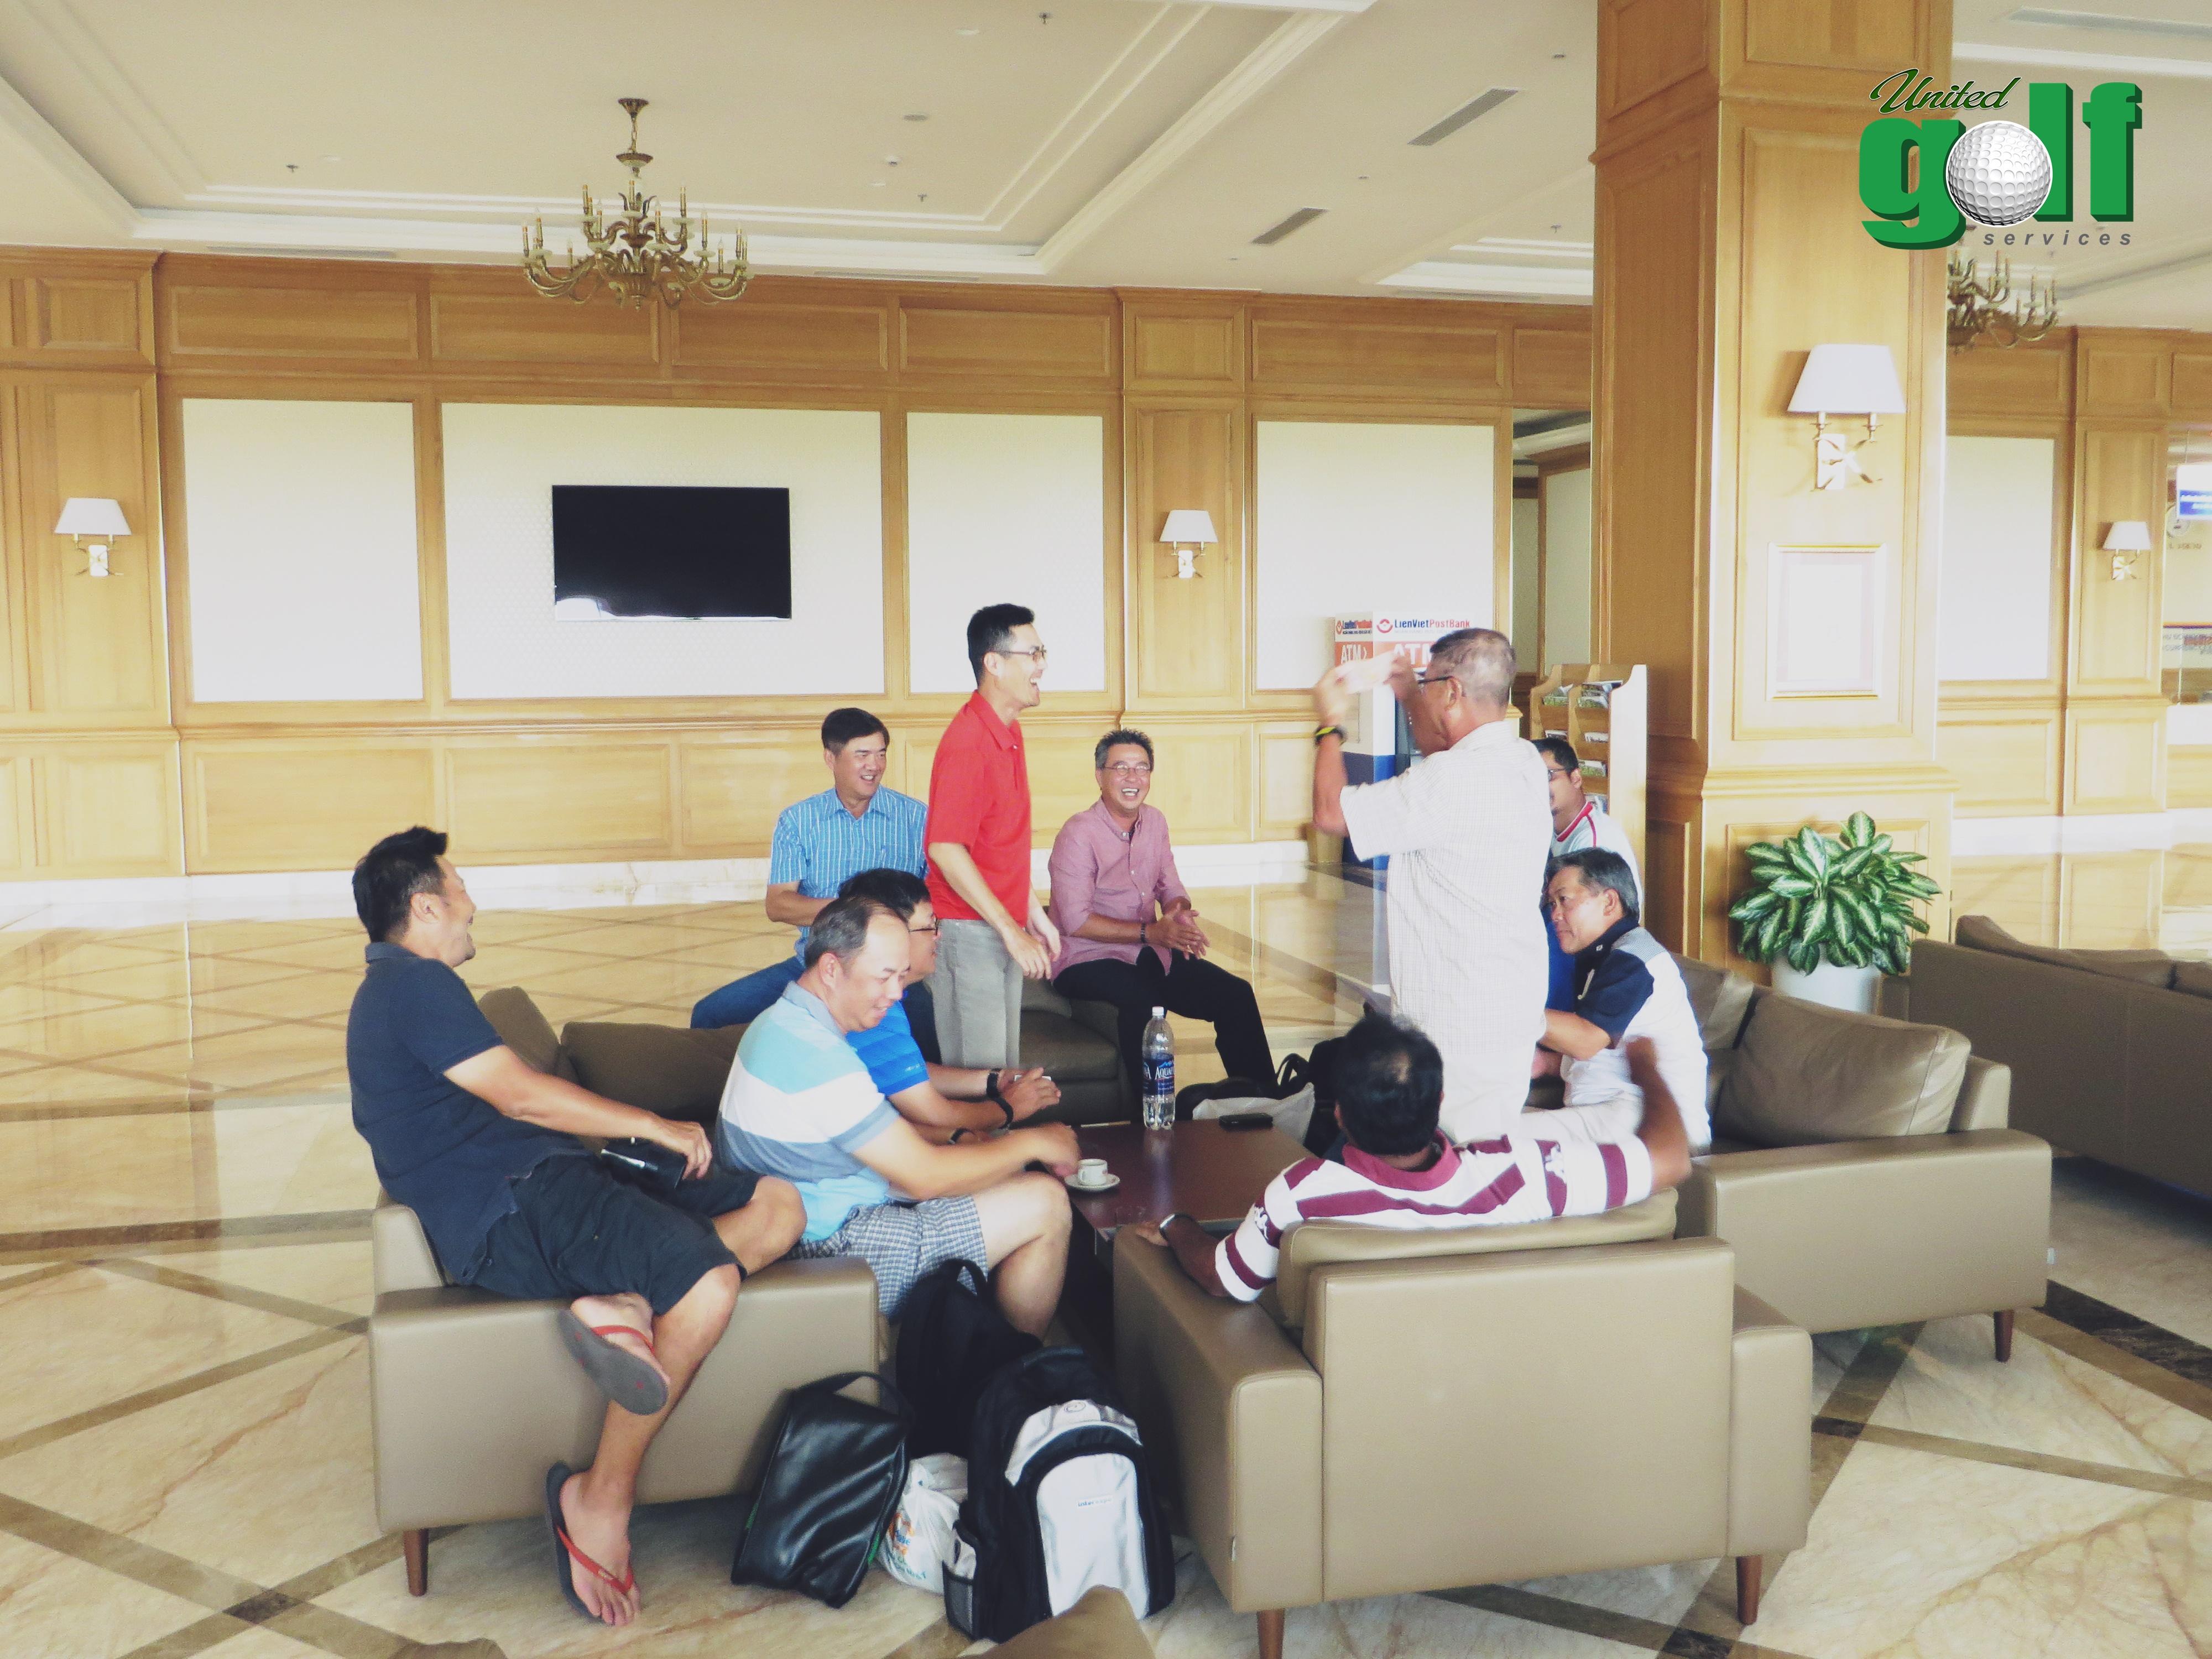 golfer nghỉ chân tại khách sạn